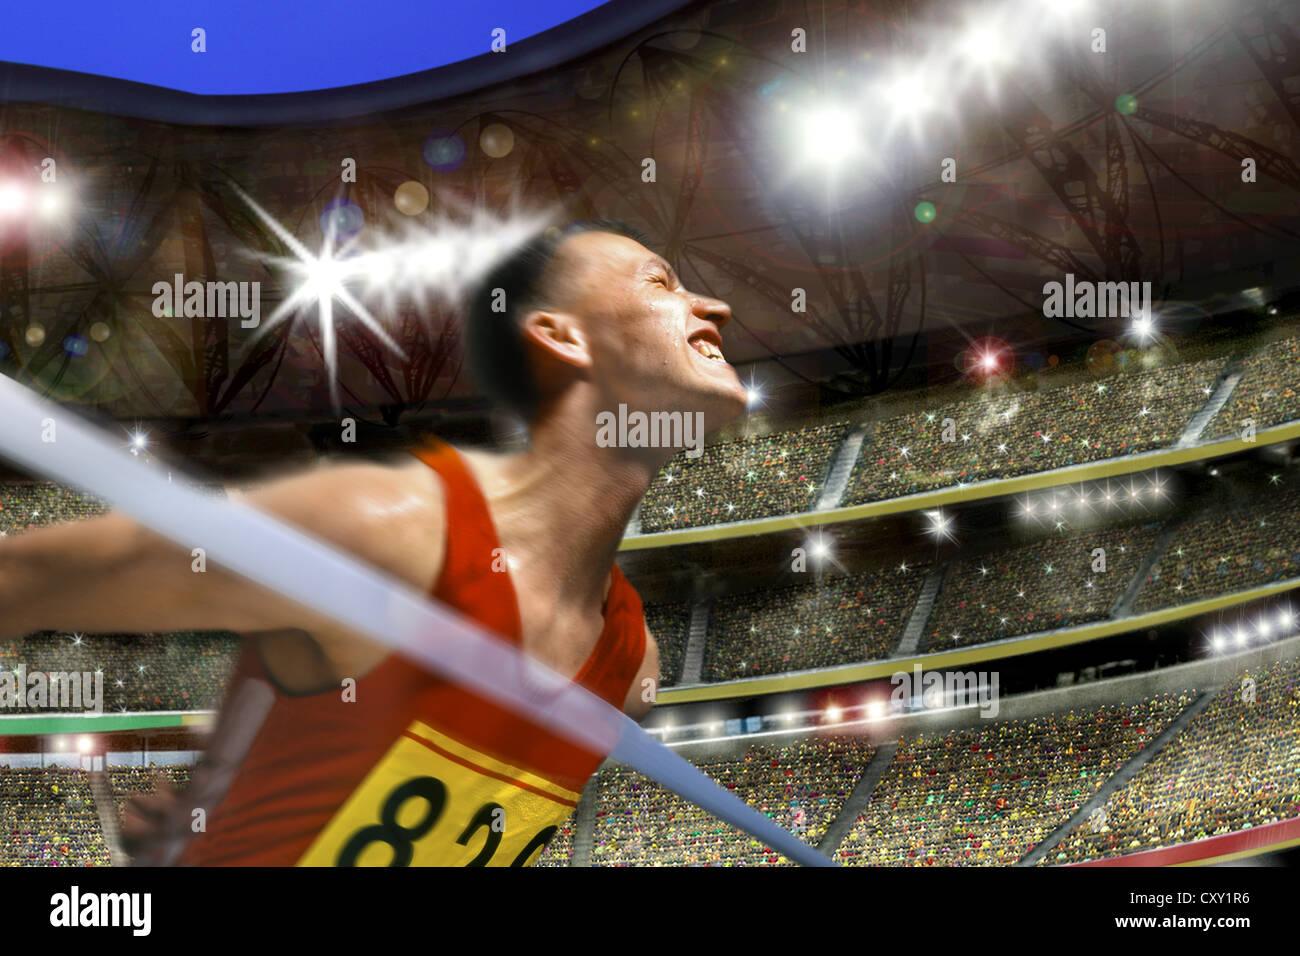 Runner, vincitore al traguardo solo nella parte anteriore del nastro, stadium Immagini Stock